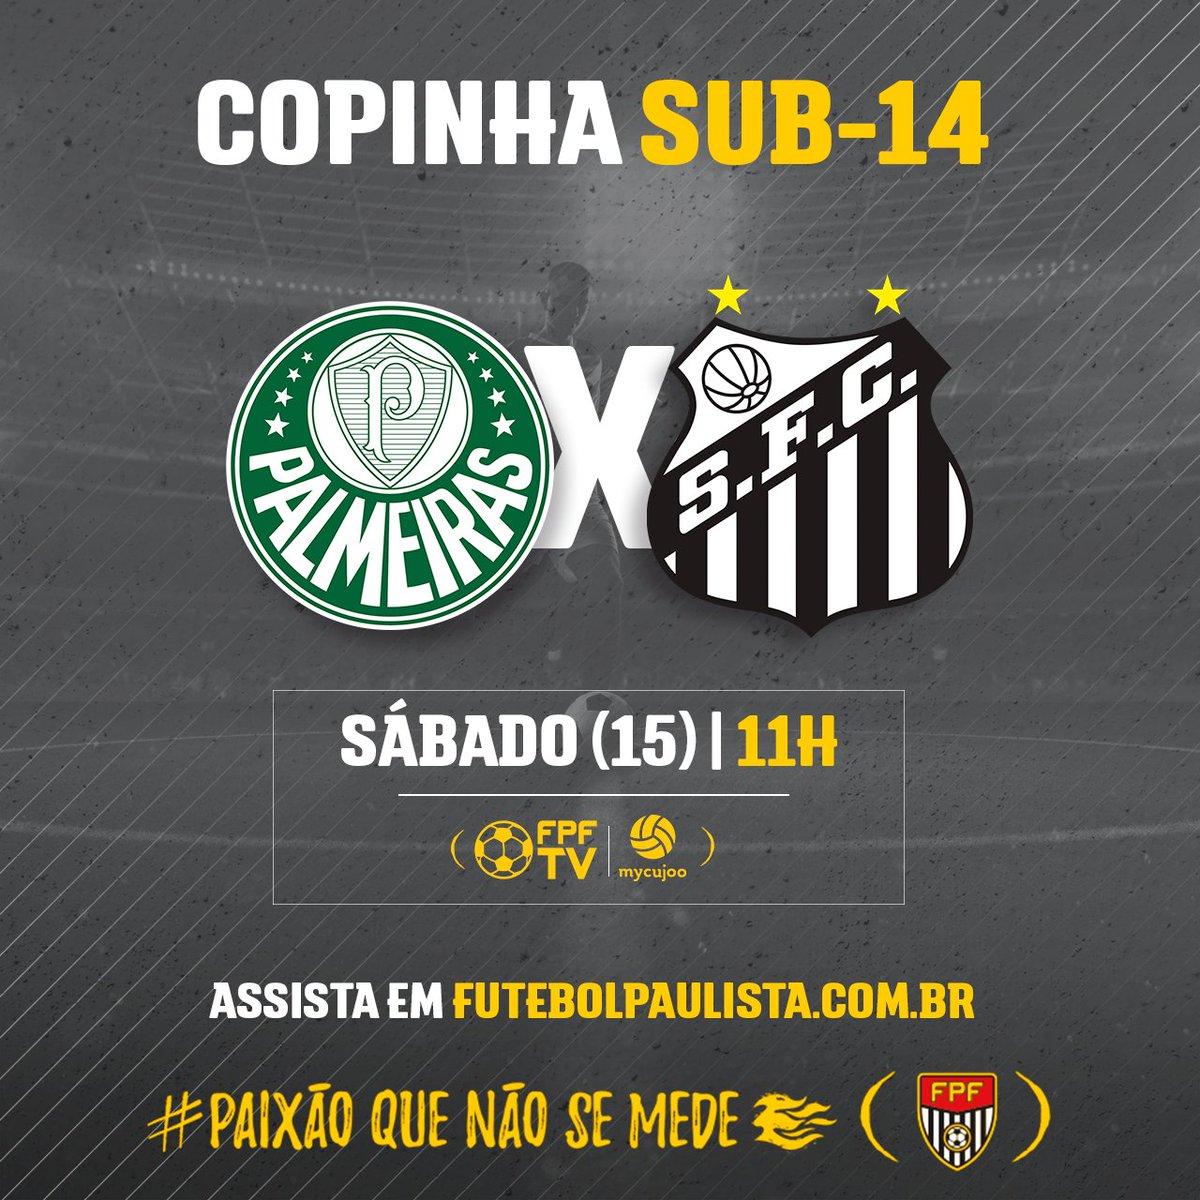 CLÁSSICO NA BASE! Palmeiras e Santos fazem o duelo paulista deste sábado (15), em jogo da Copinha Sub-14. E você confere a partida, ao vivo, na FPF TV. Link do jogo👉https://t.co/Wd8cnGfWqn #PaixãoQueNãoSeMede #FPF #FutebolPaulista #EsseÉoMeuJogo